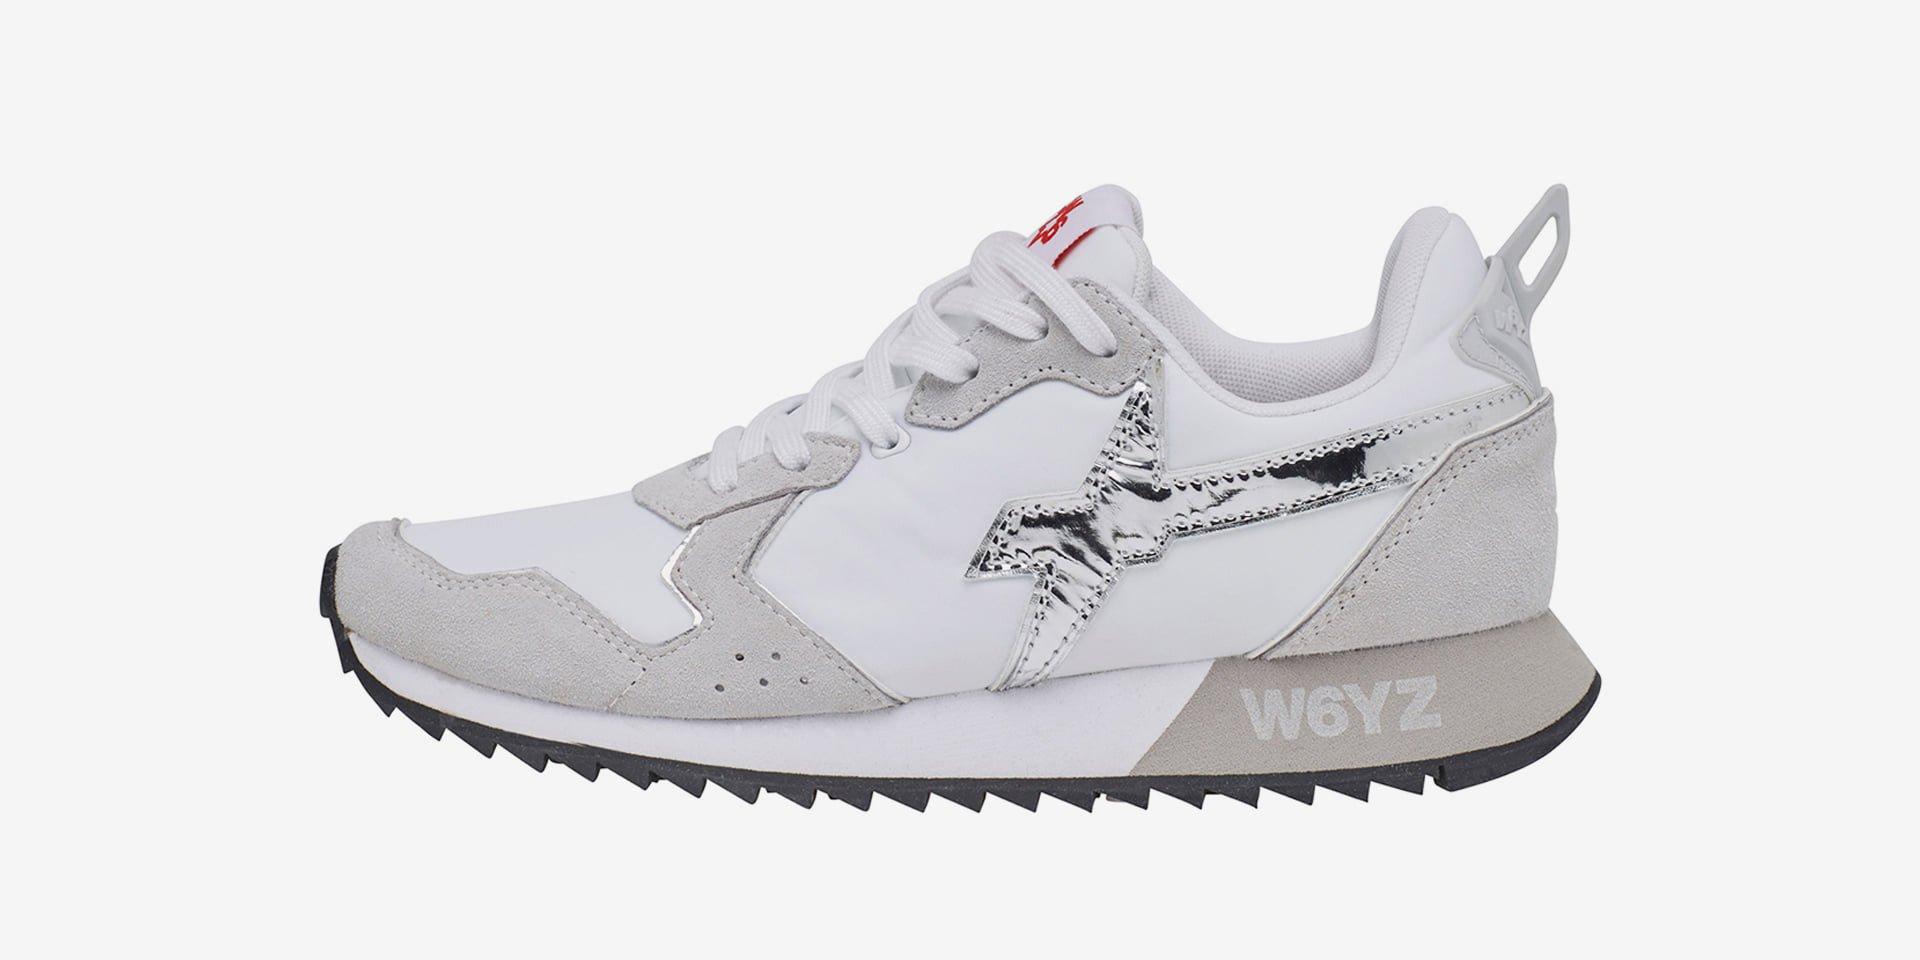 JET-W. - Sneaker in  tessuto tecnico e suede - Bianco-Argento